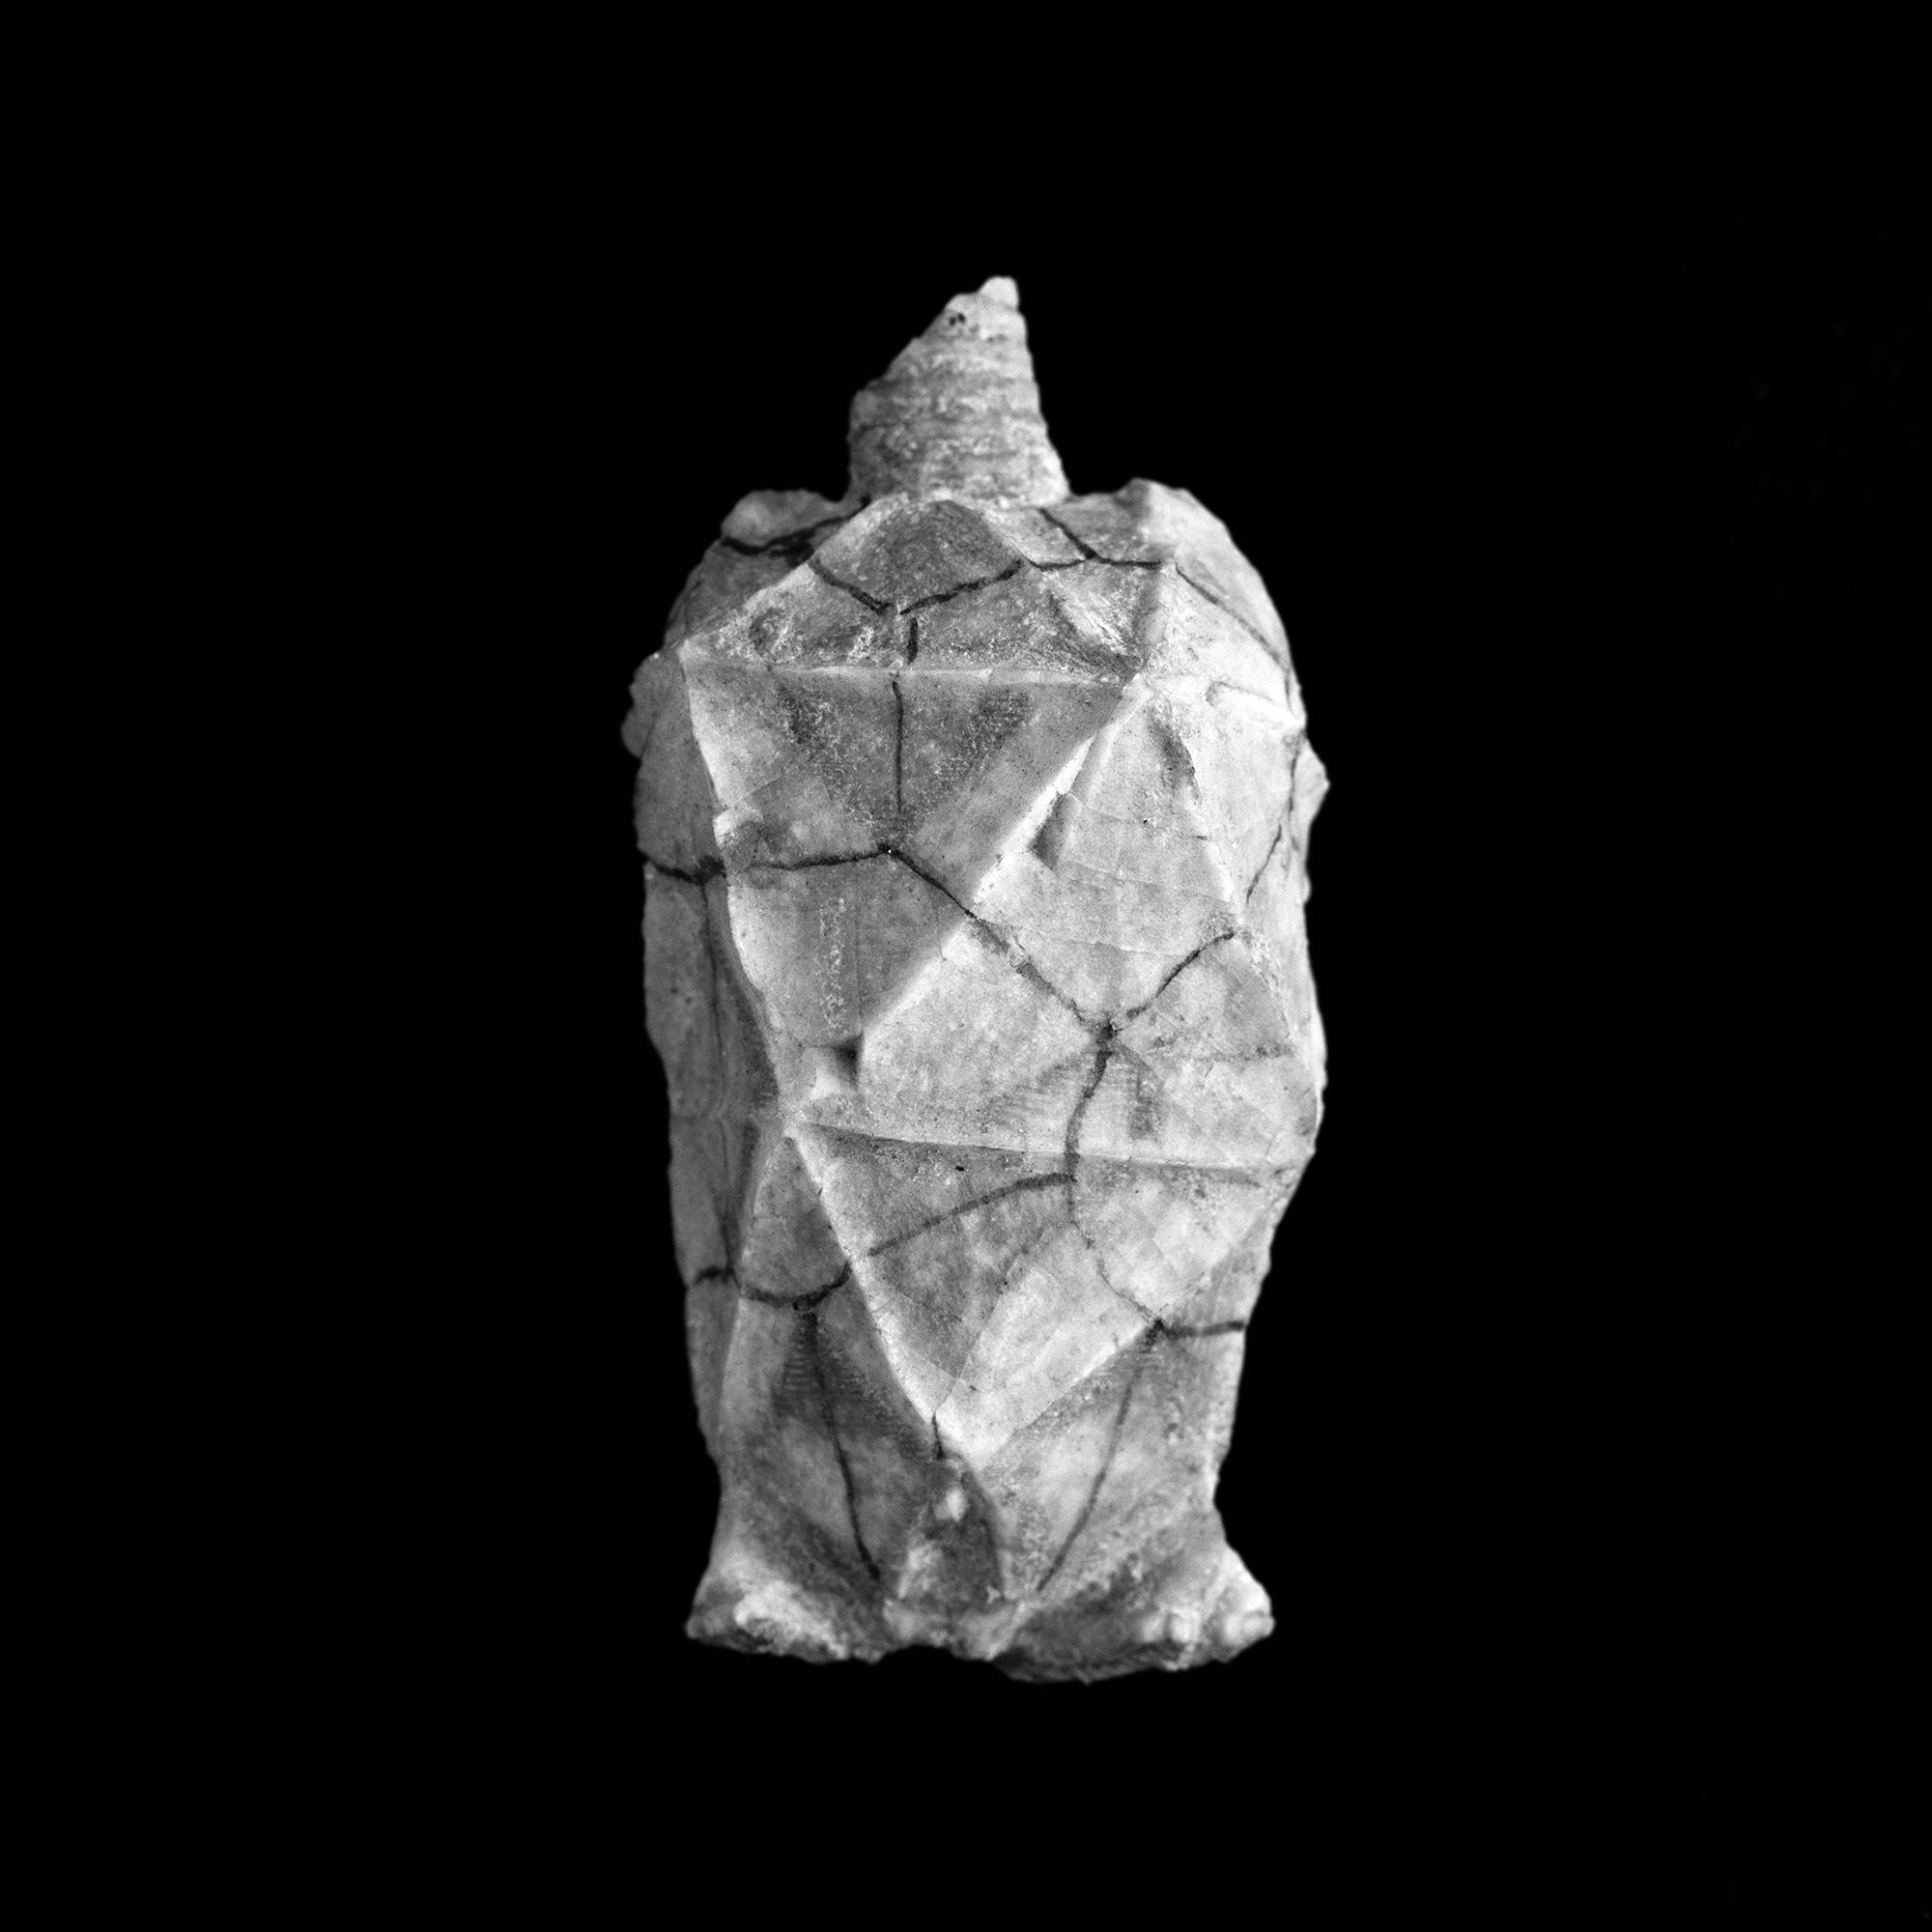 Chirocrinus sculptus, Unter-Silur, Jaekel